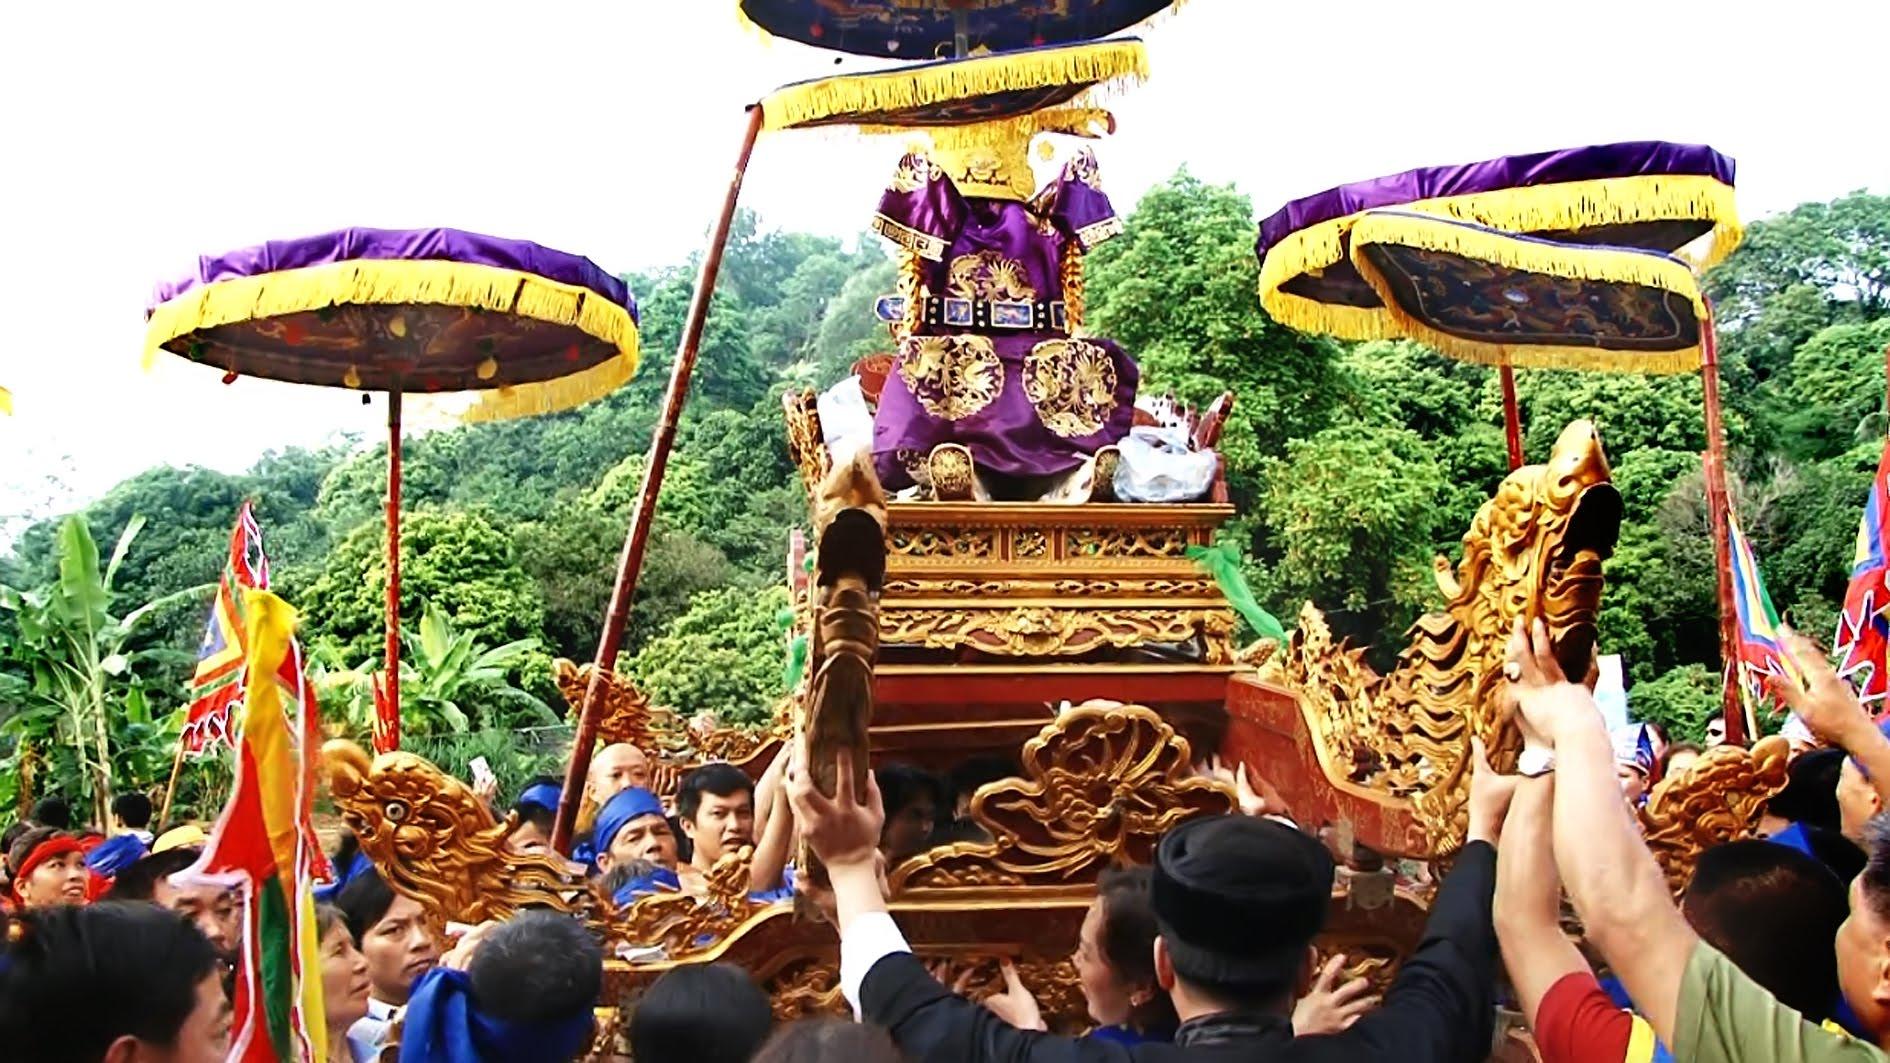 bao-ha-temple-lao-cai-1